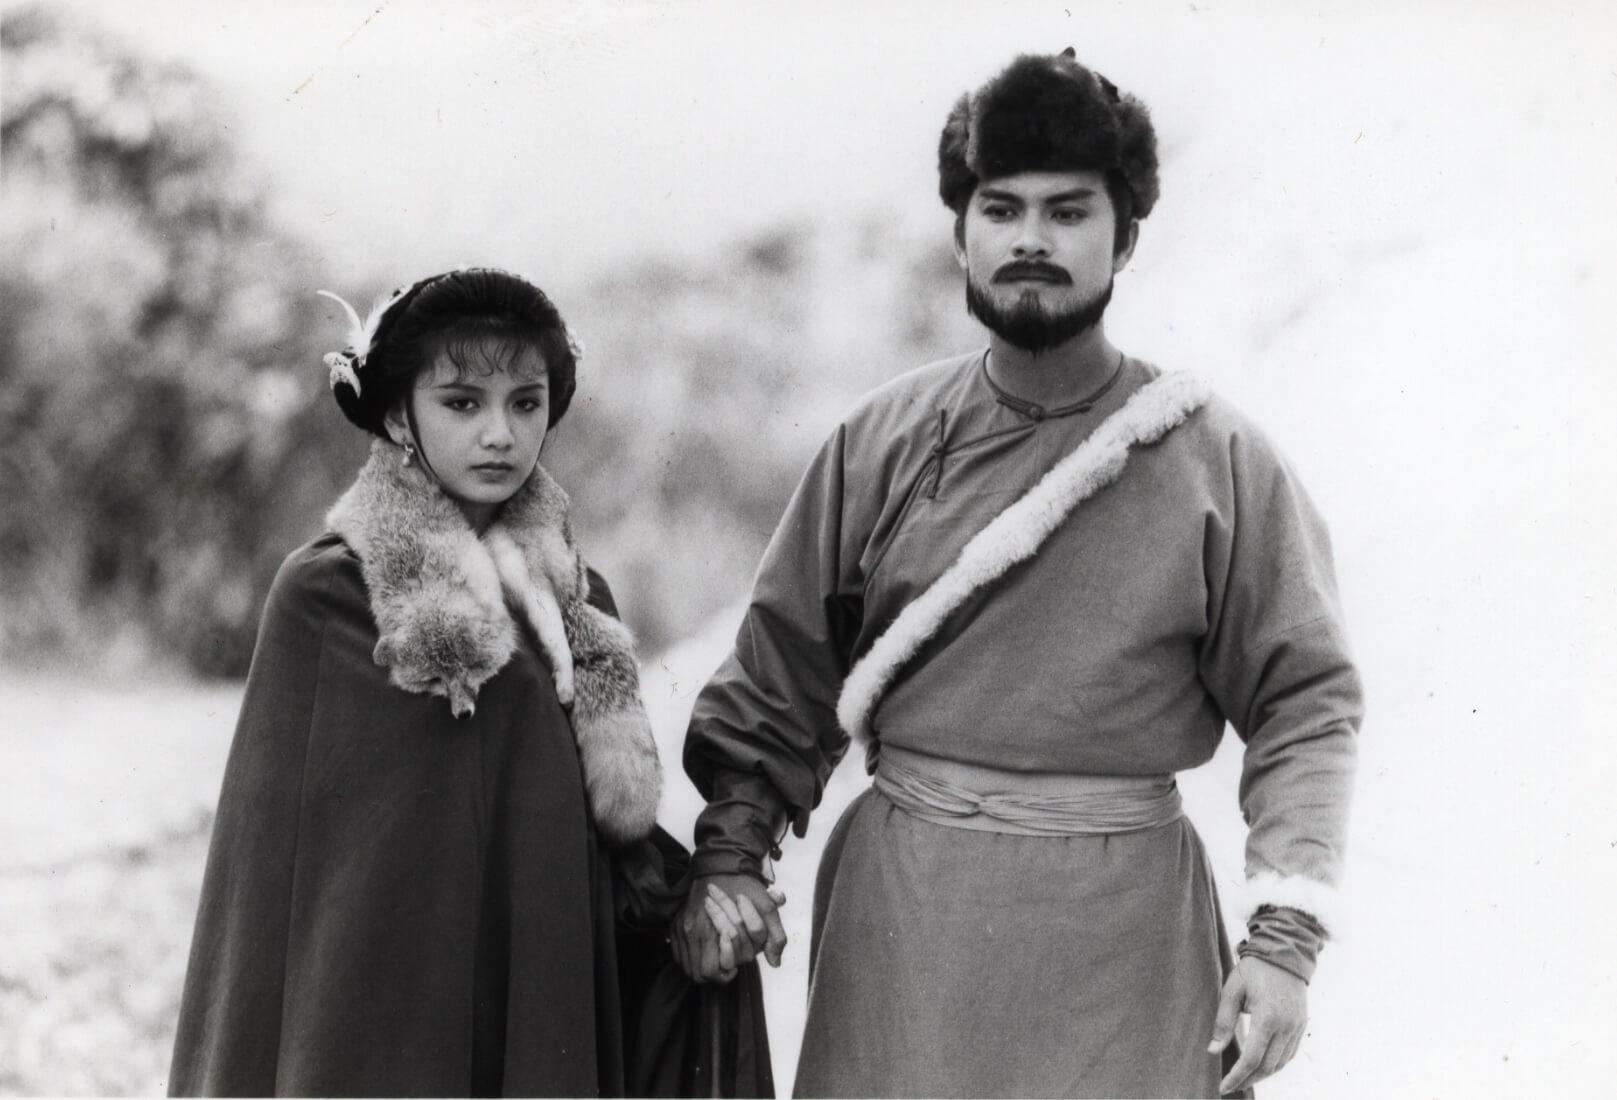 曾華倩與呂良偉於1985年合作《雪山飛狐》